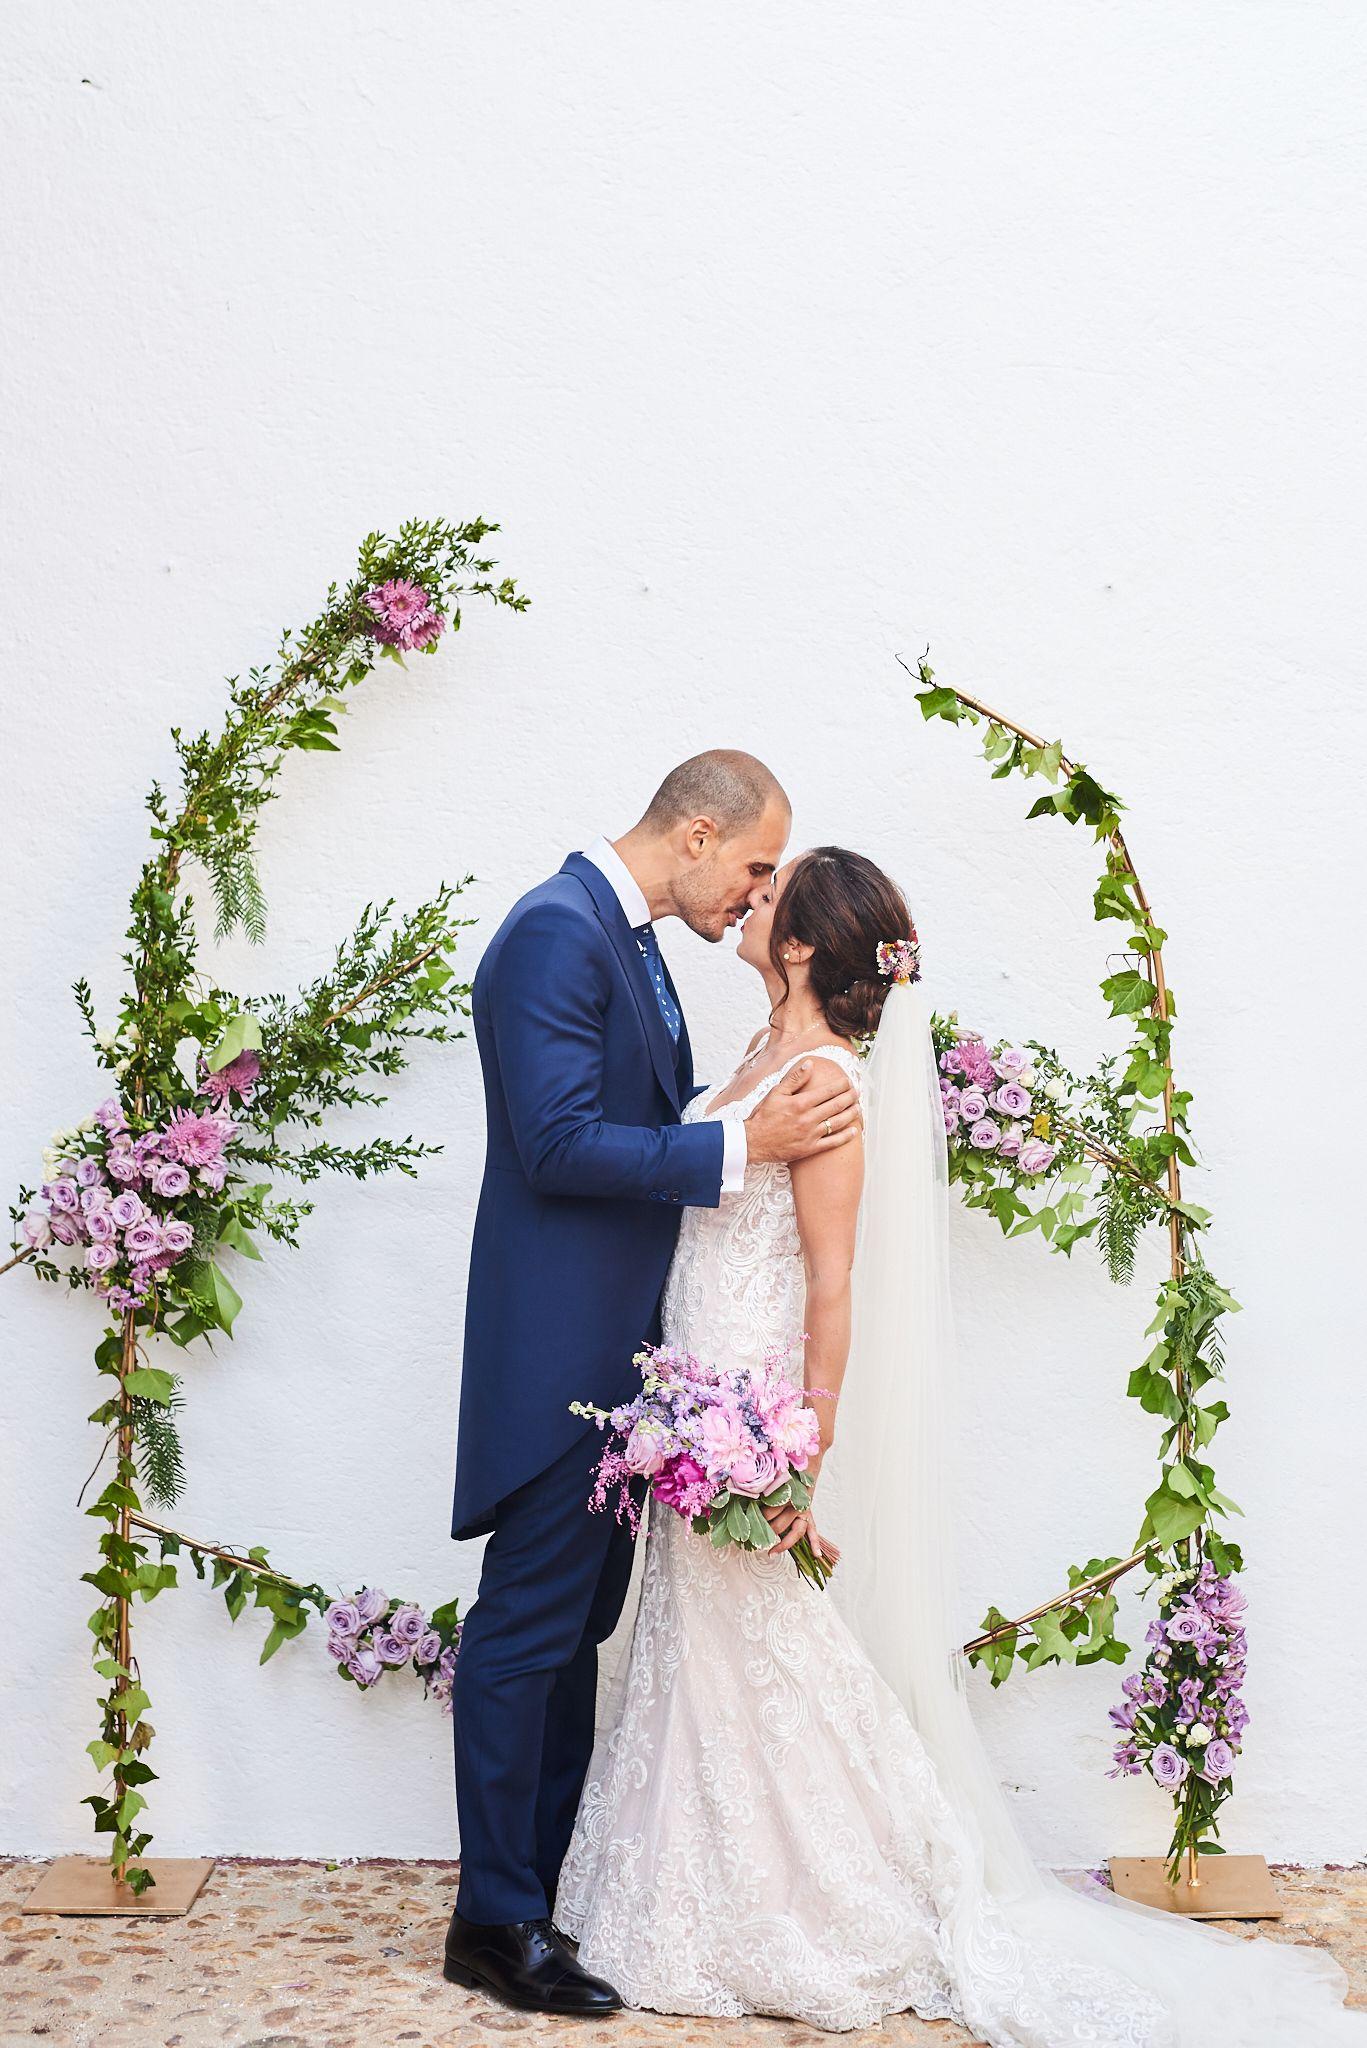 La-22Destination-Wedding22-en-Moguer-de-Lauren-y-JosC3A9-Antonio-JoseAntonio-alejandromarmol2289.jpg